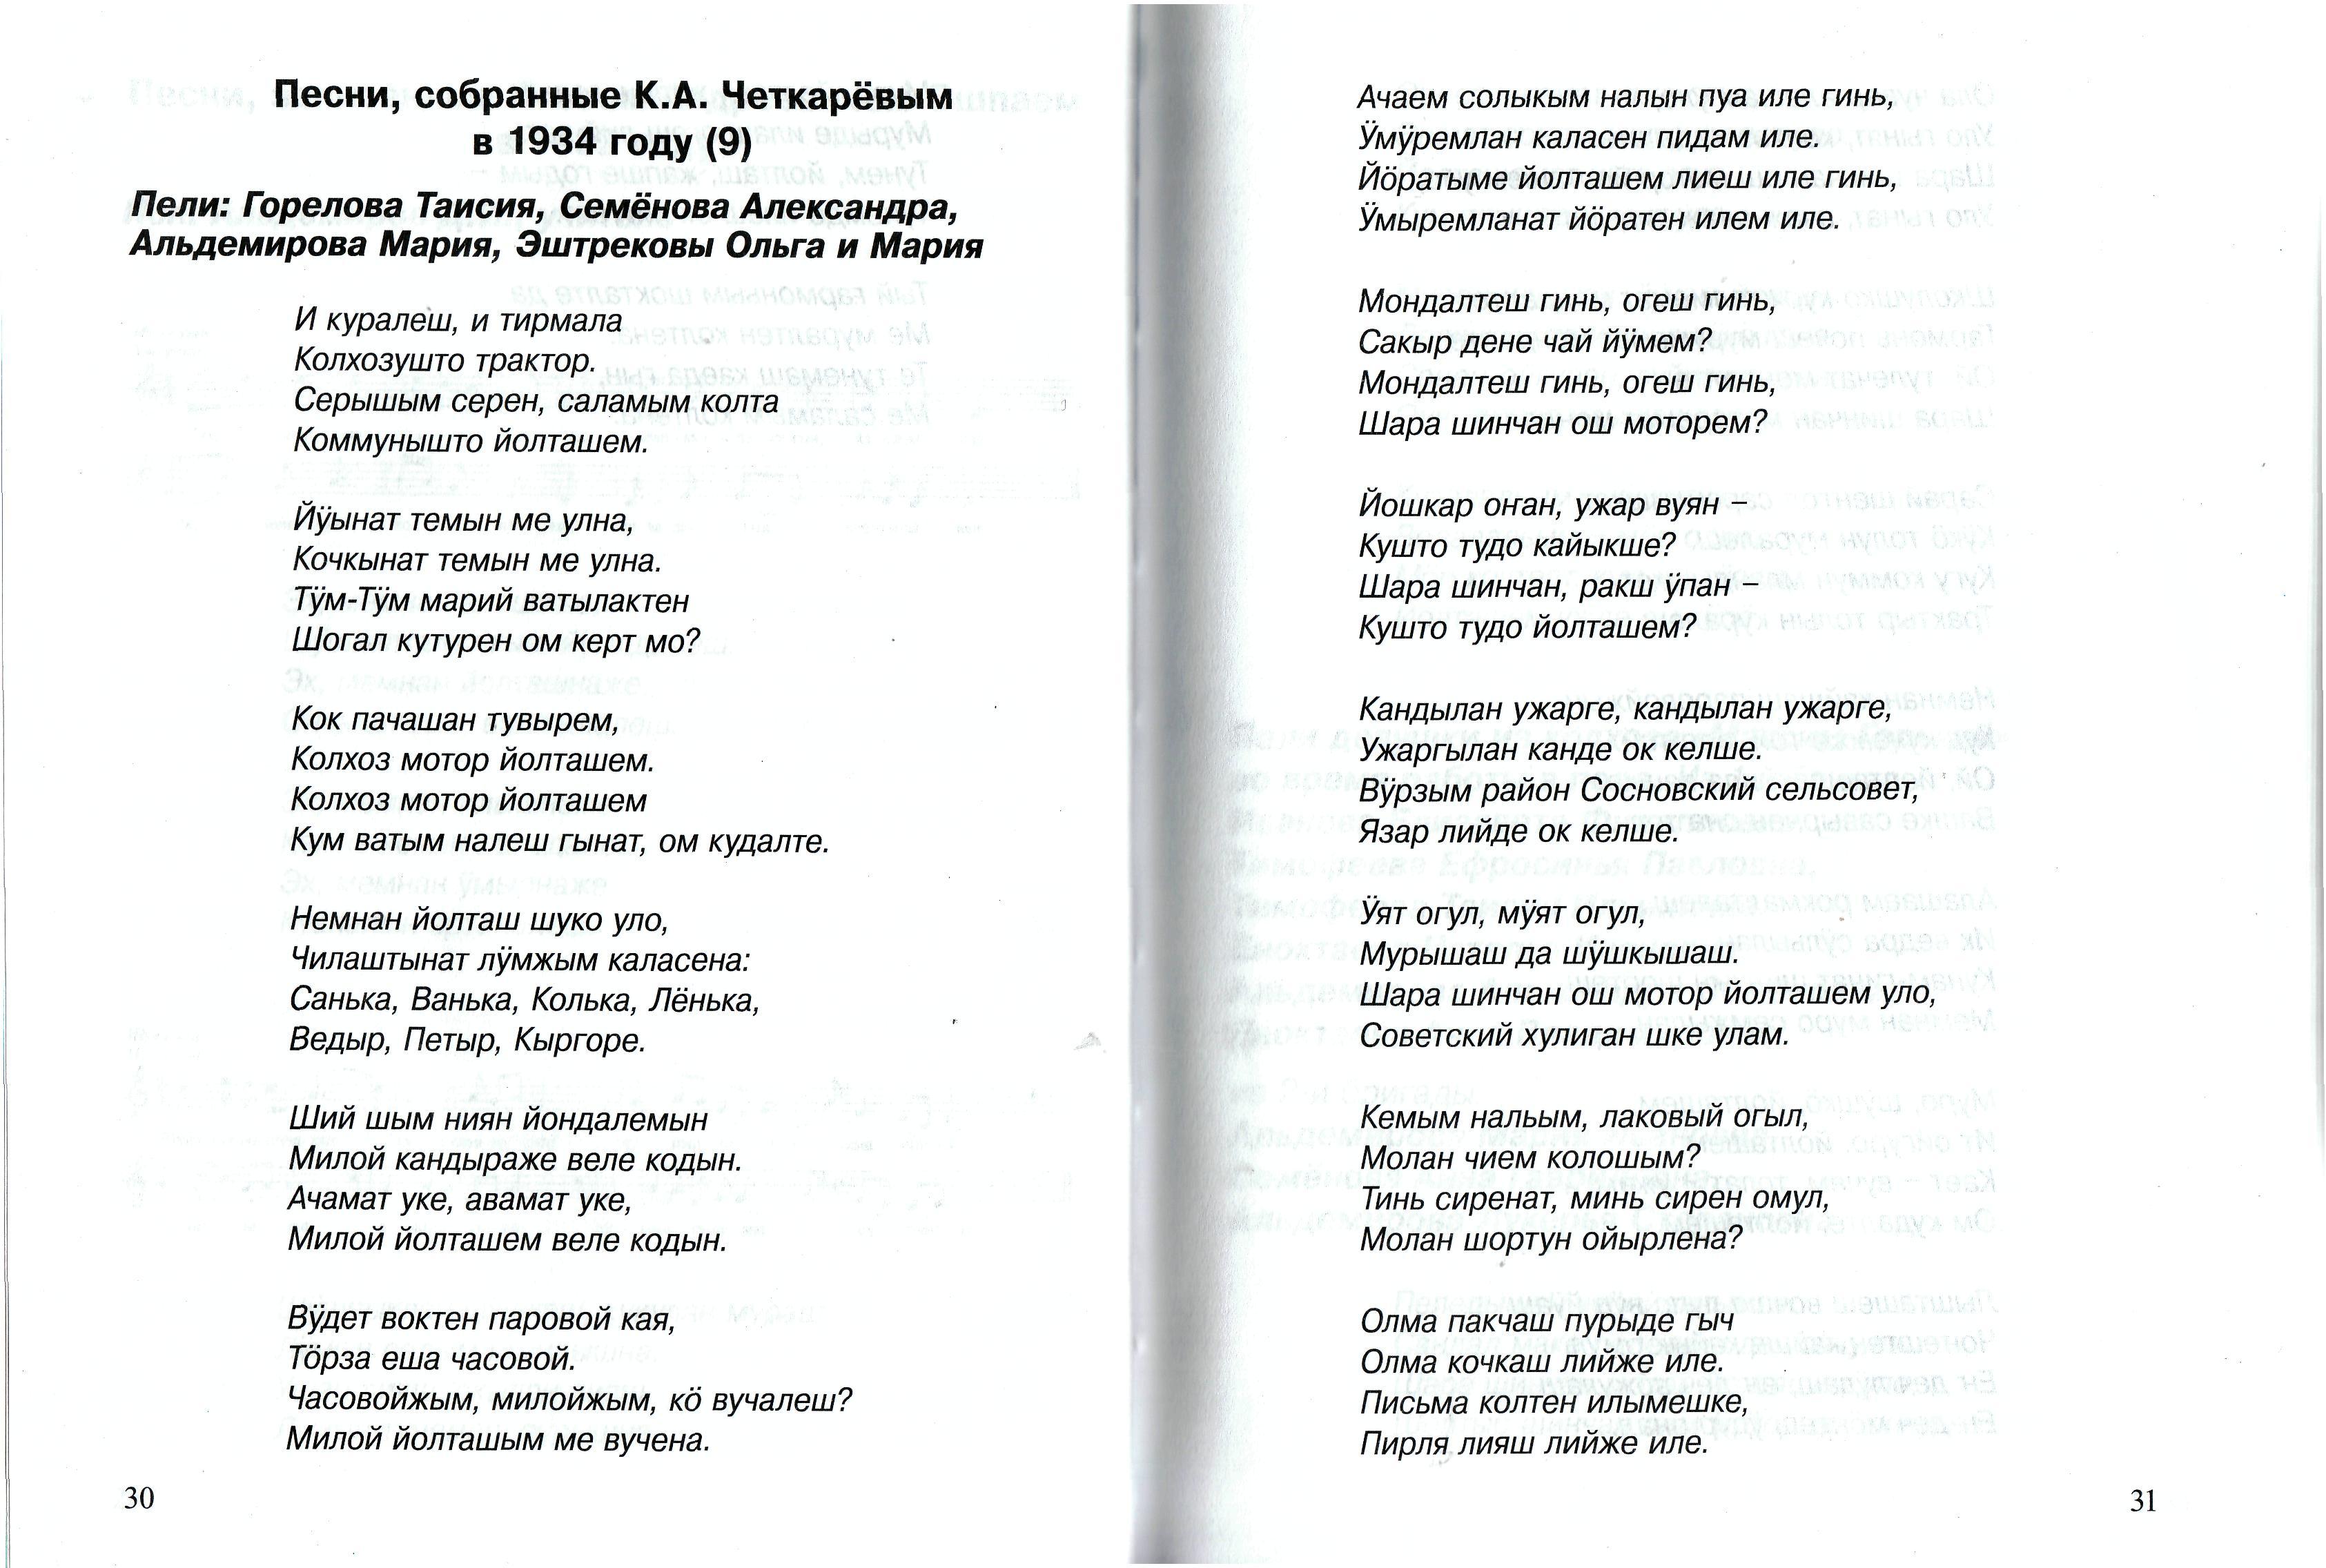 pesni-tum-tum-01